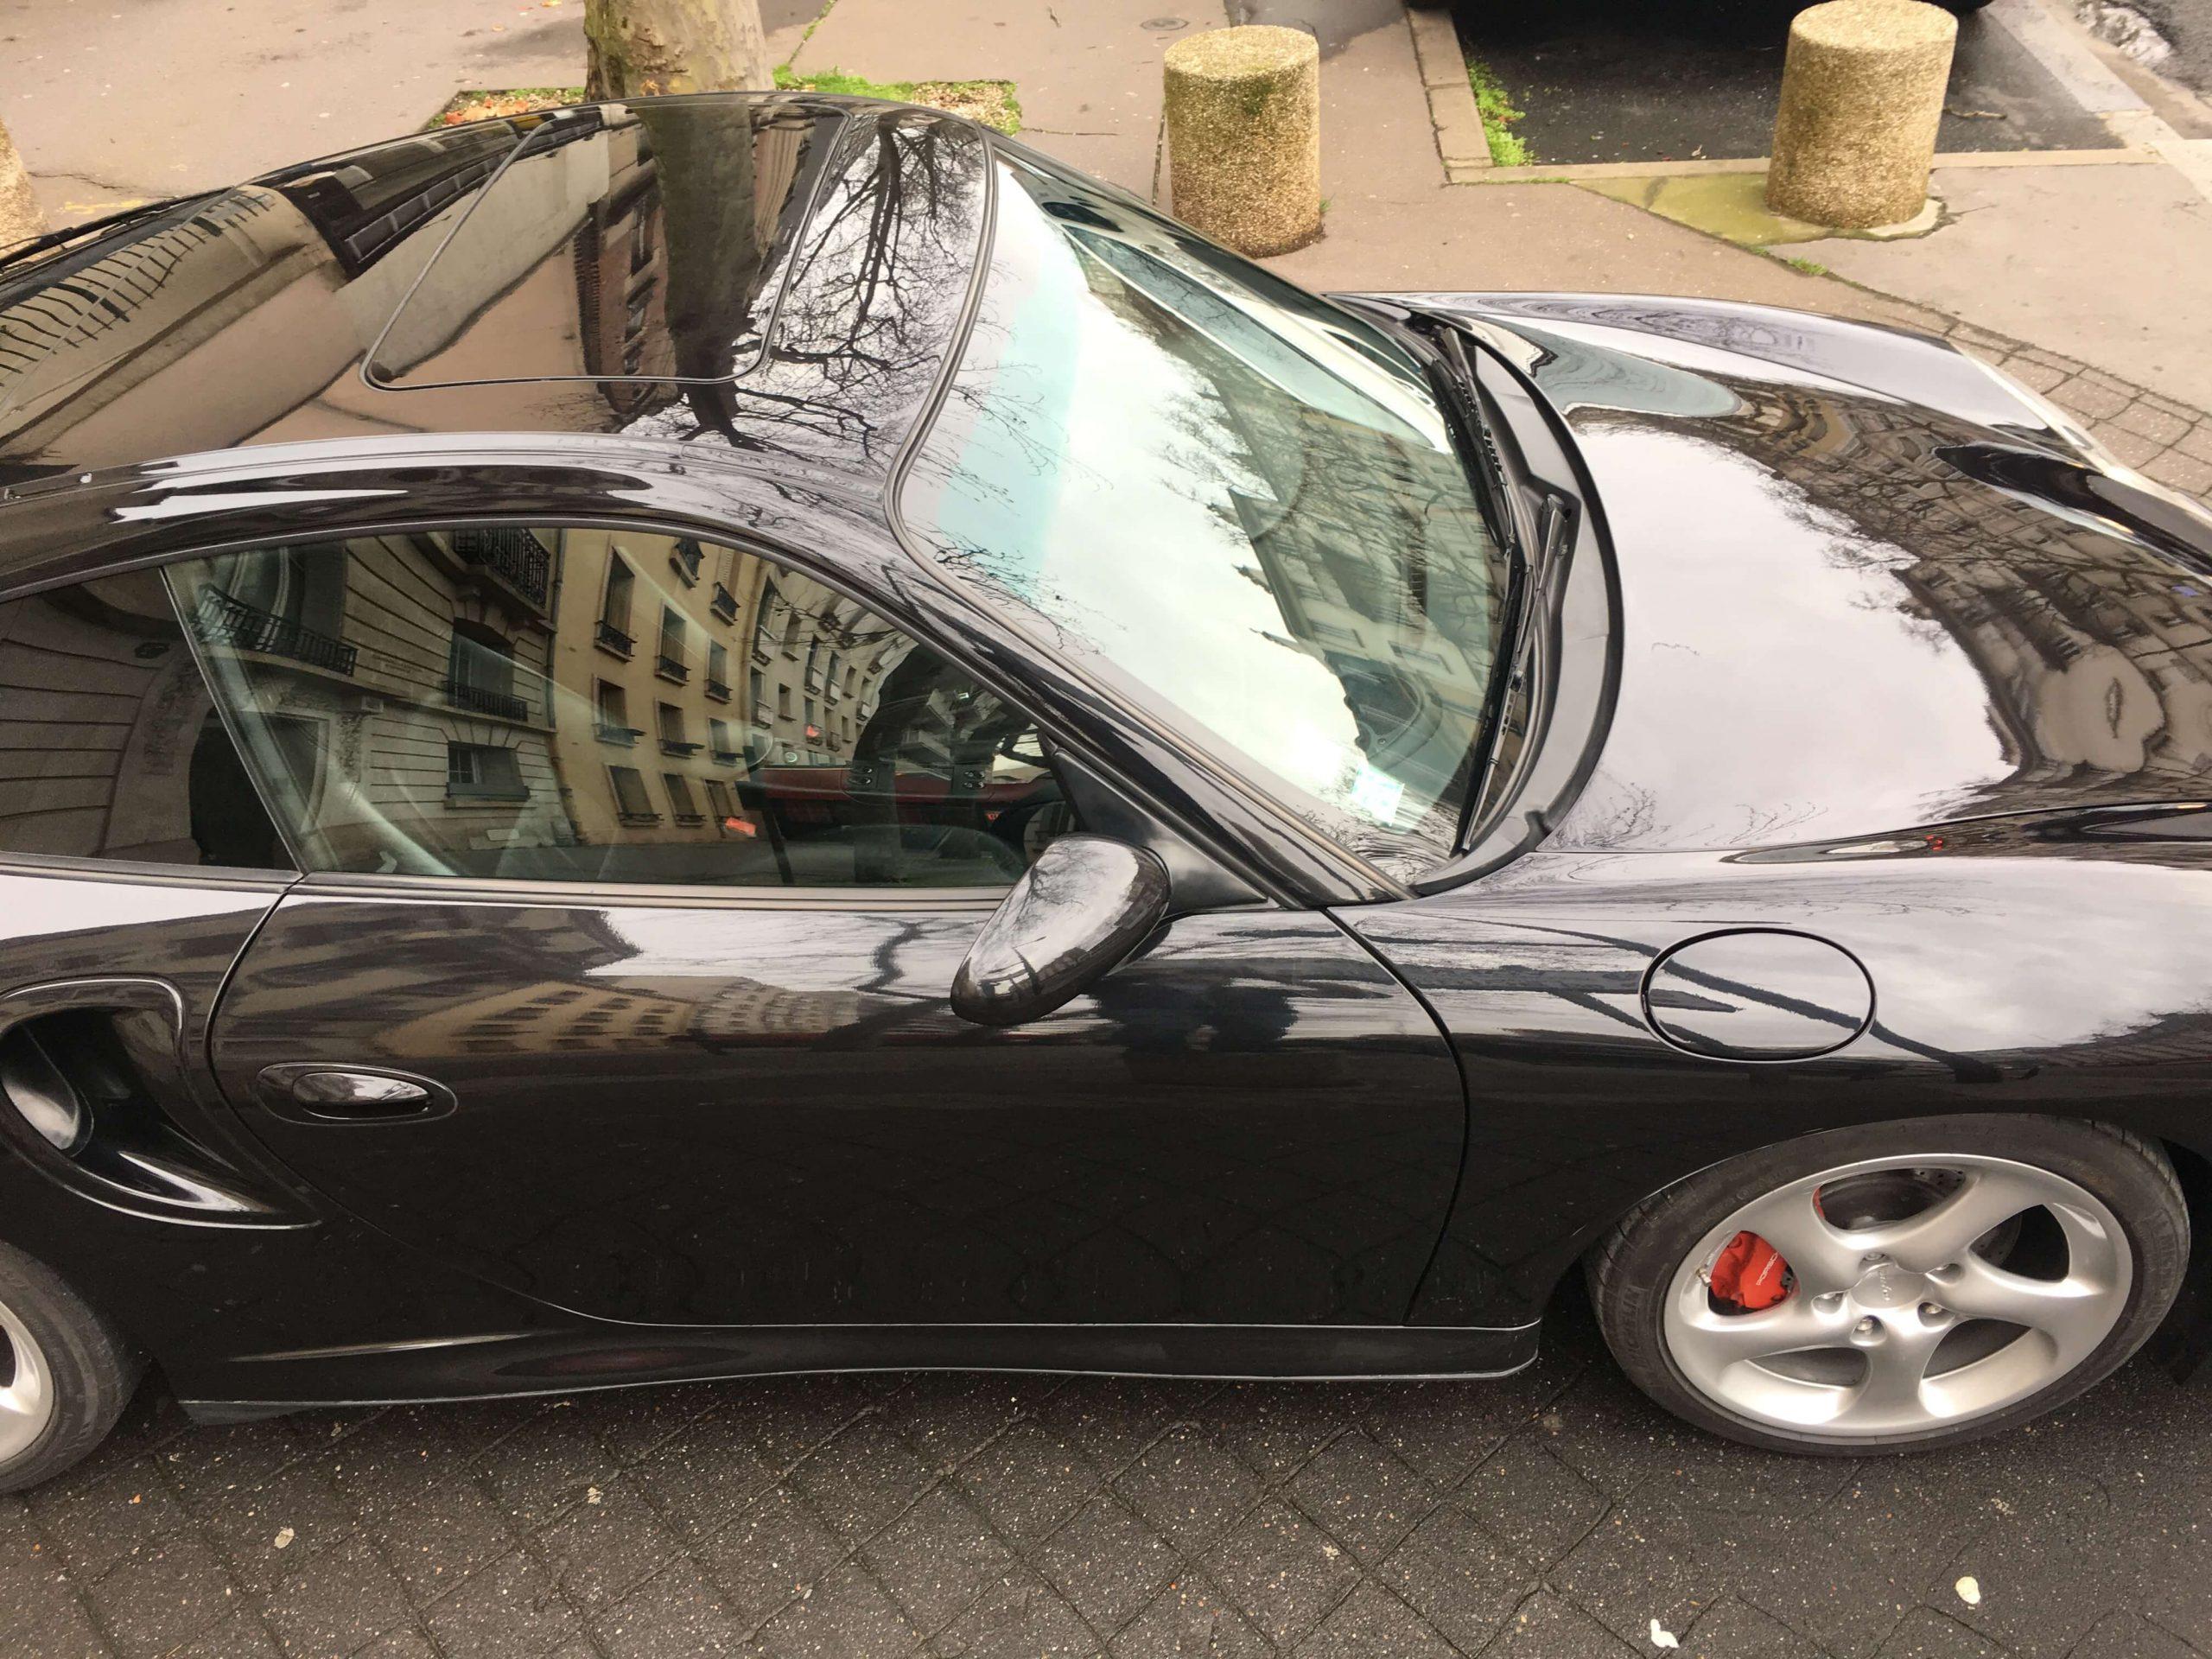 Porsche 911 type 996 Turbo